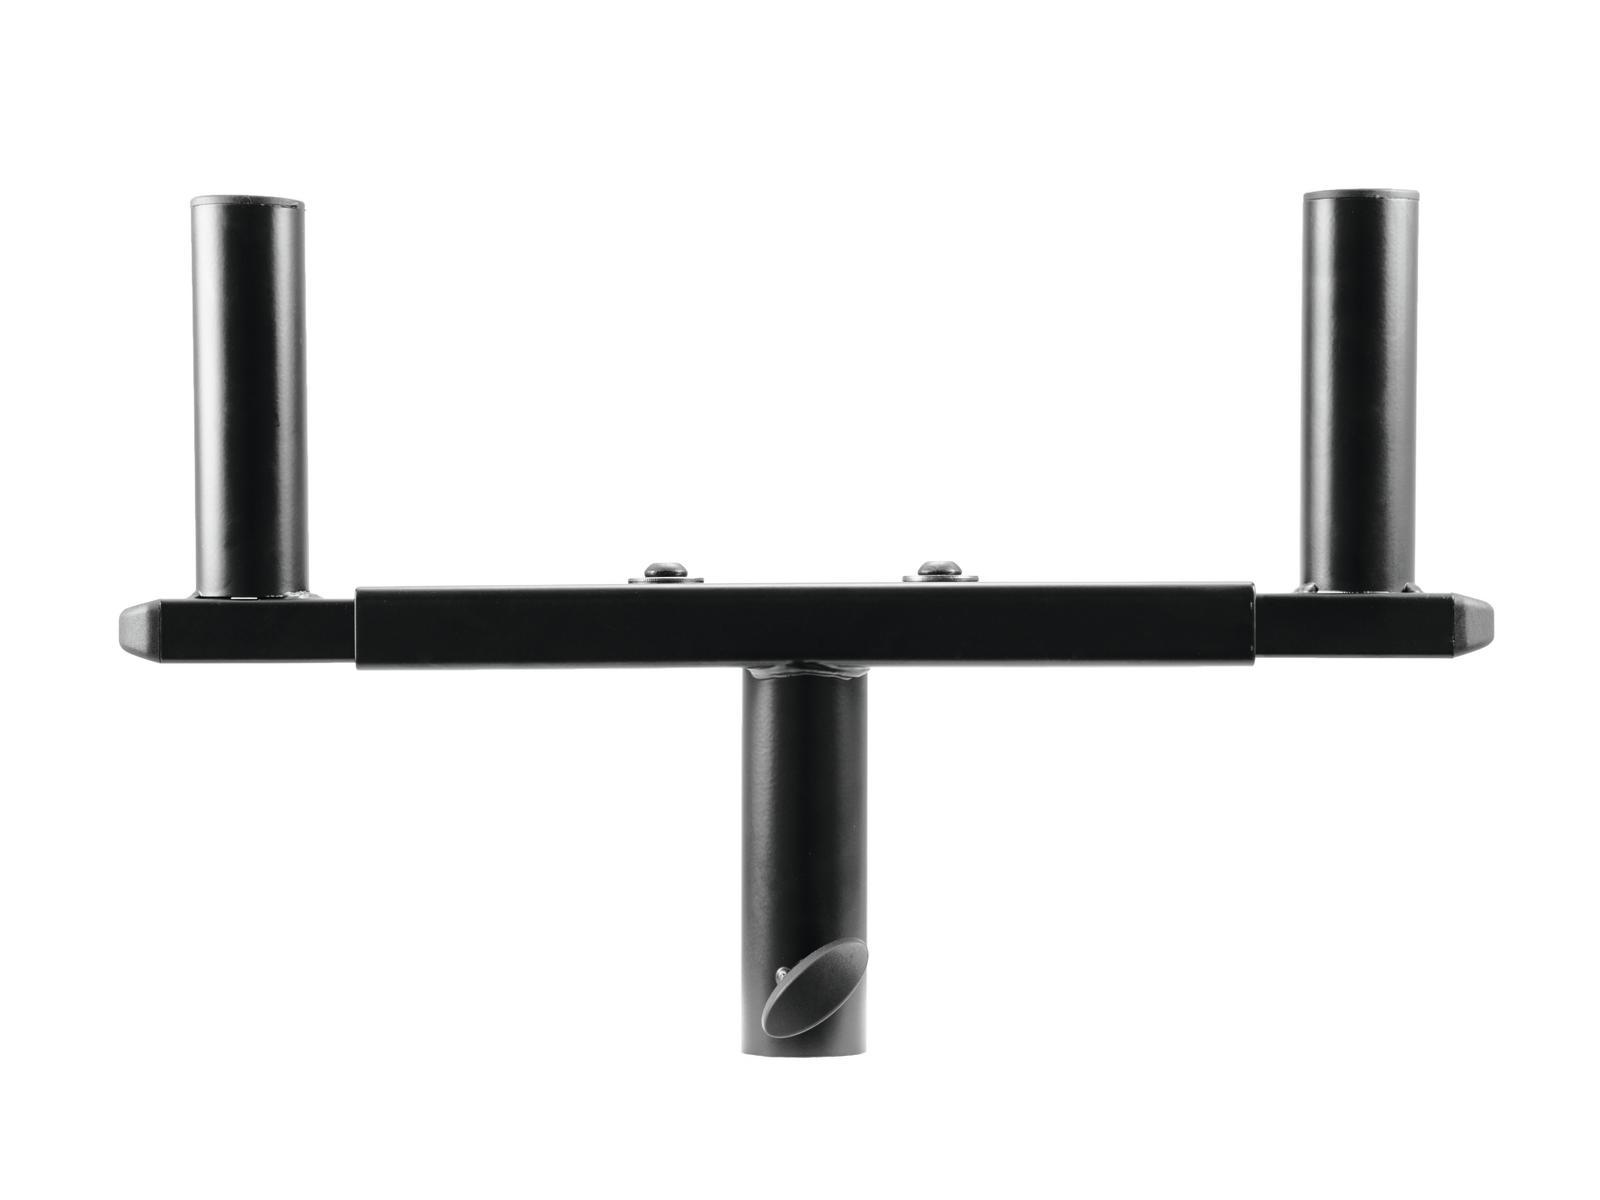 Adattatore per due casse Supporto stativo Distanza regolabile 310-490 mm